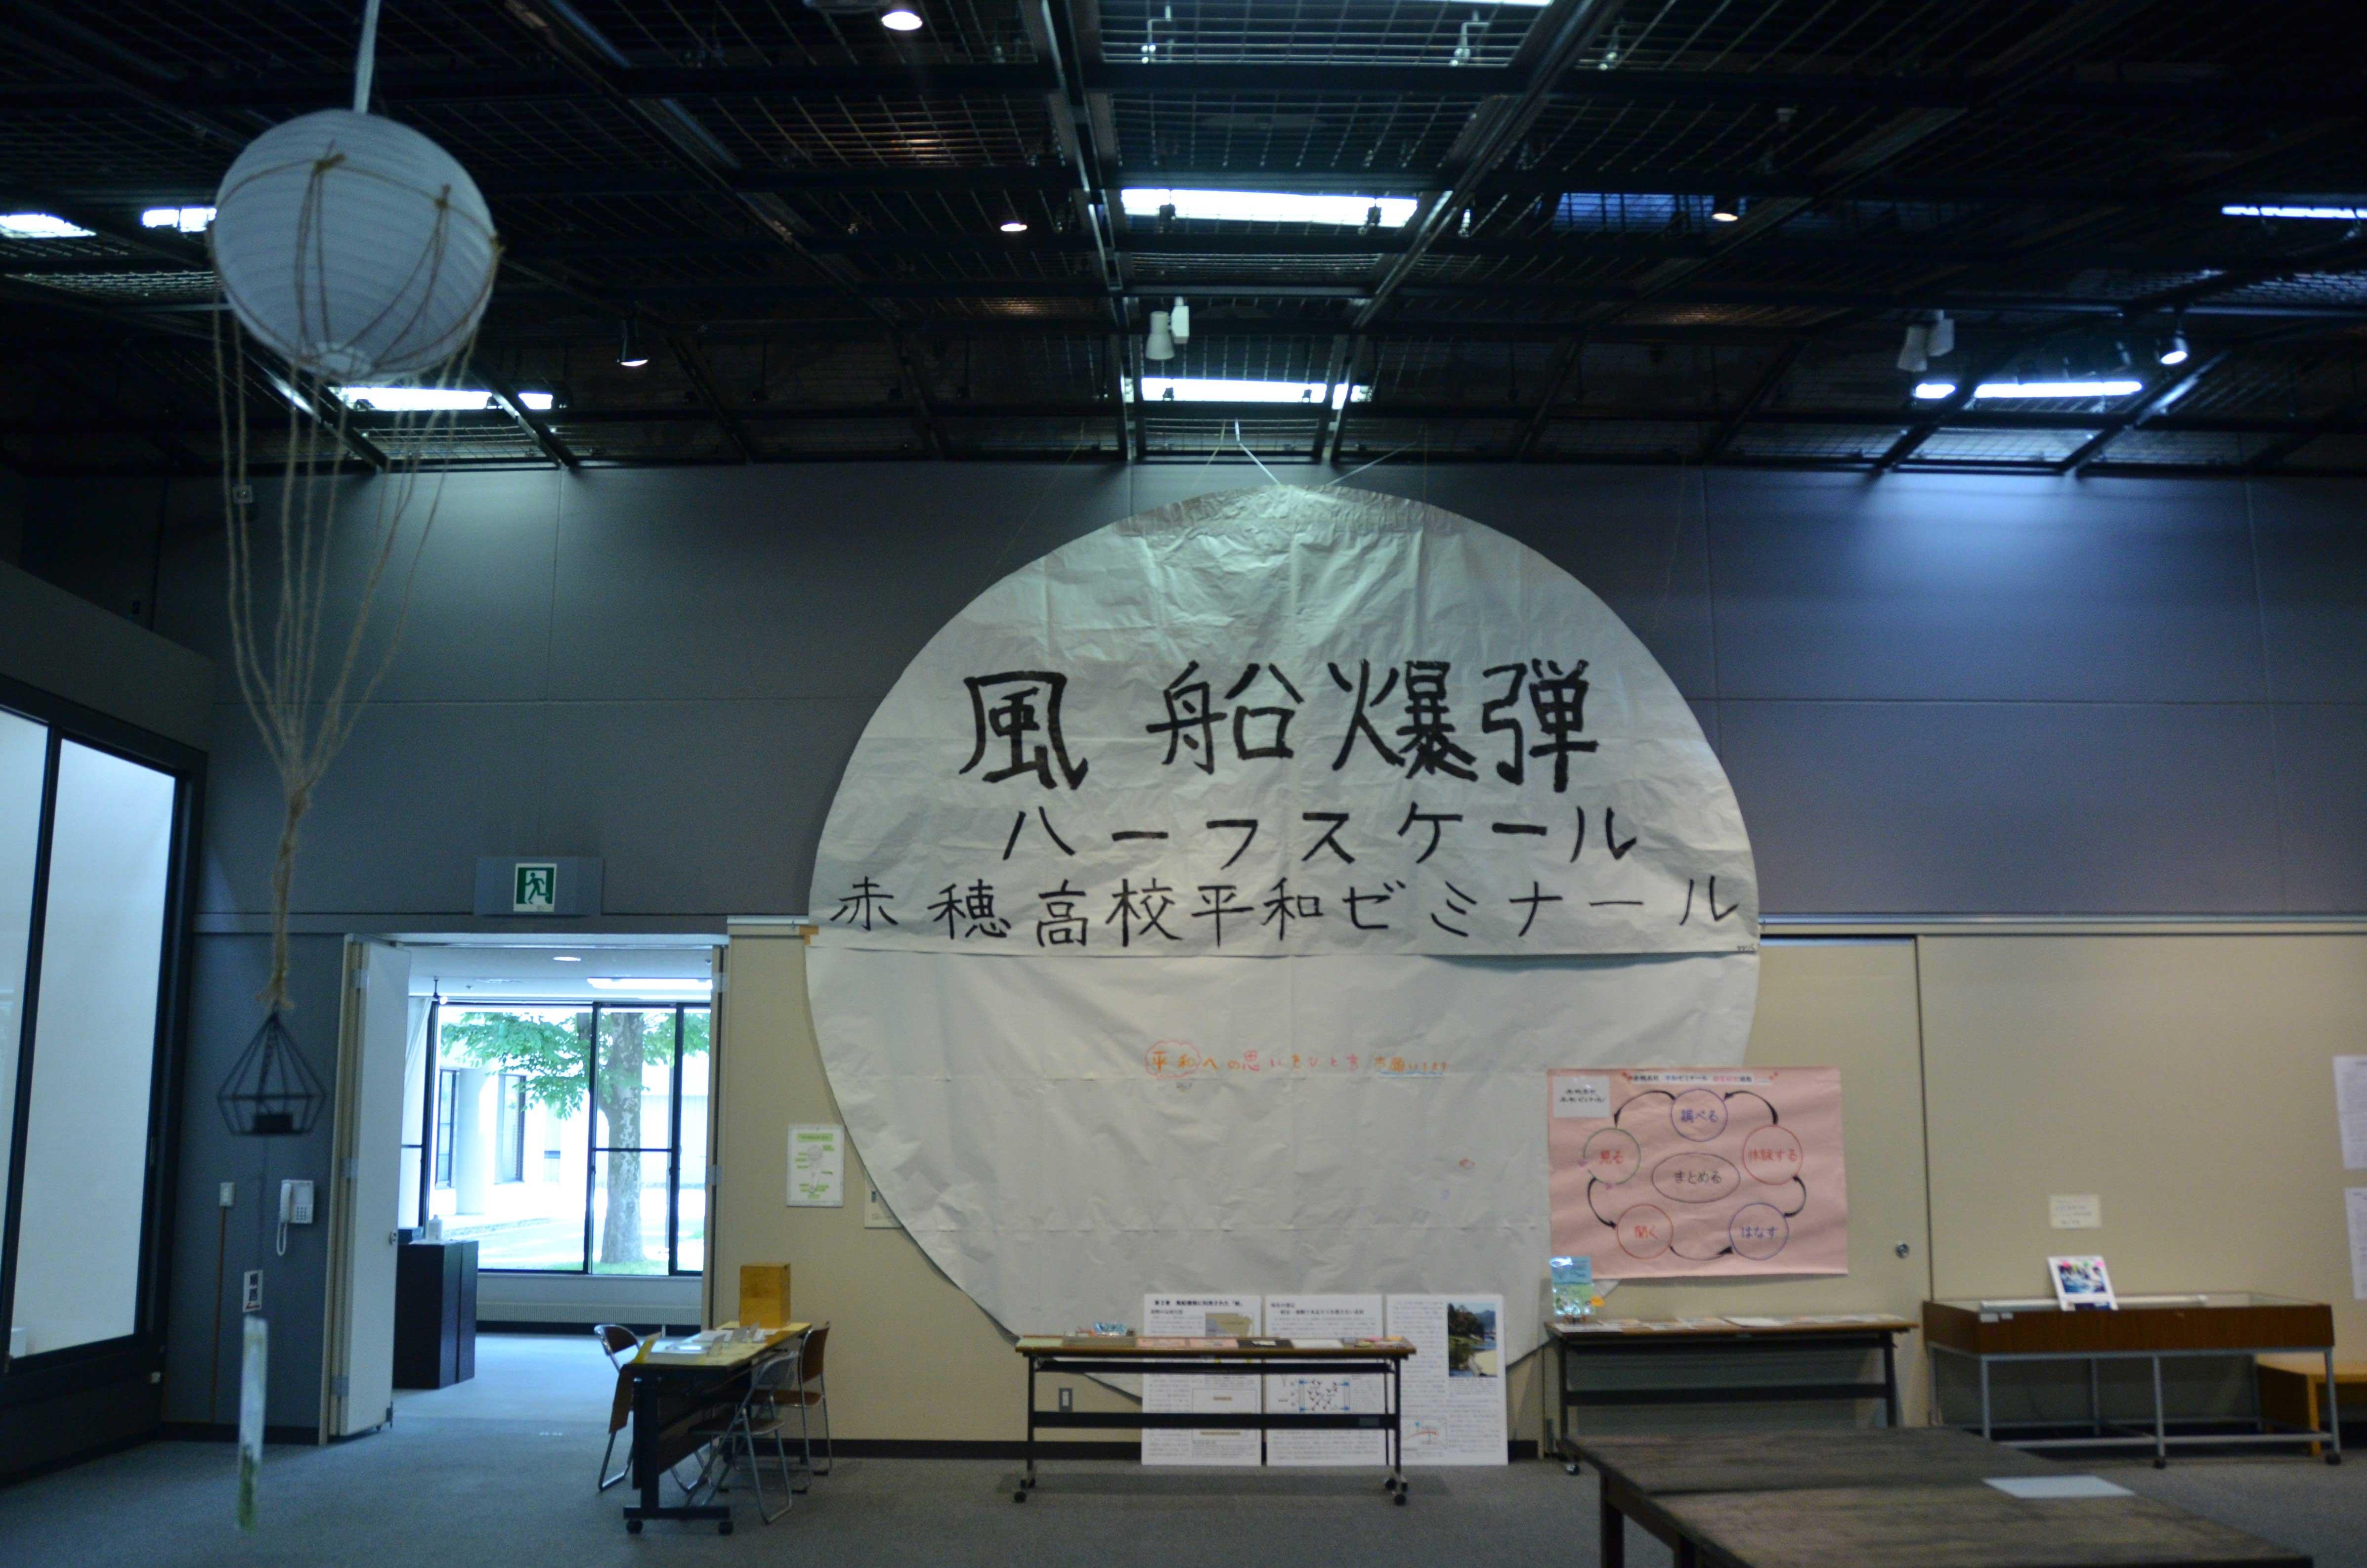 写真:企画展「上伊那地方に疎開した陸軍登戸研究所の真実」